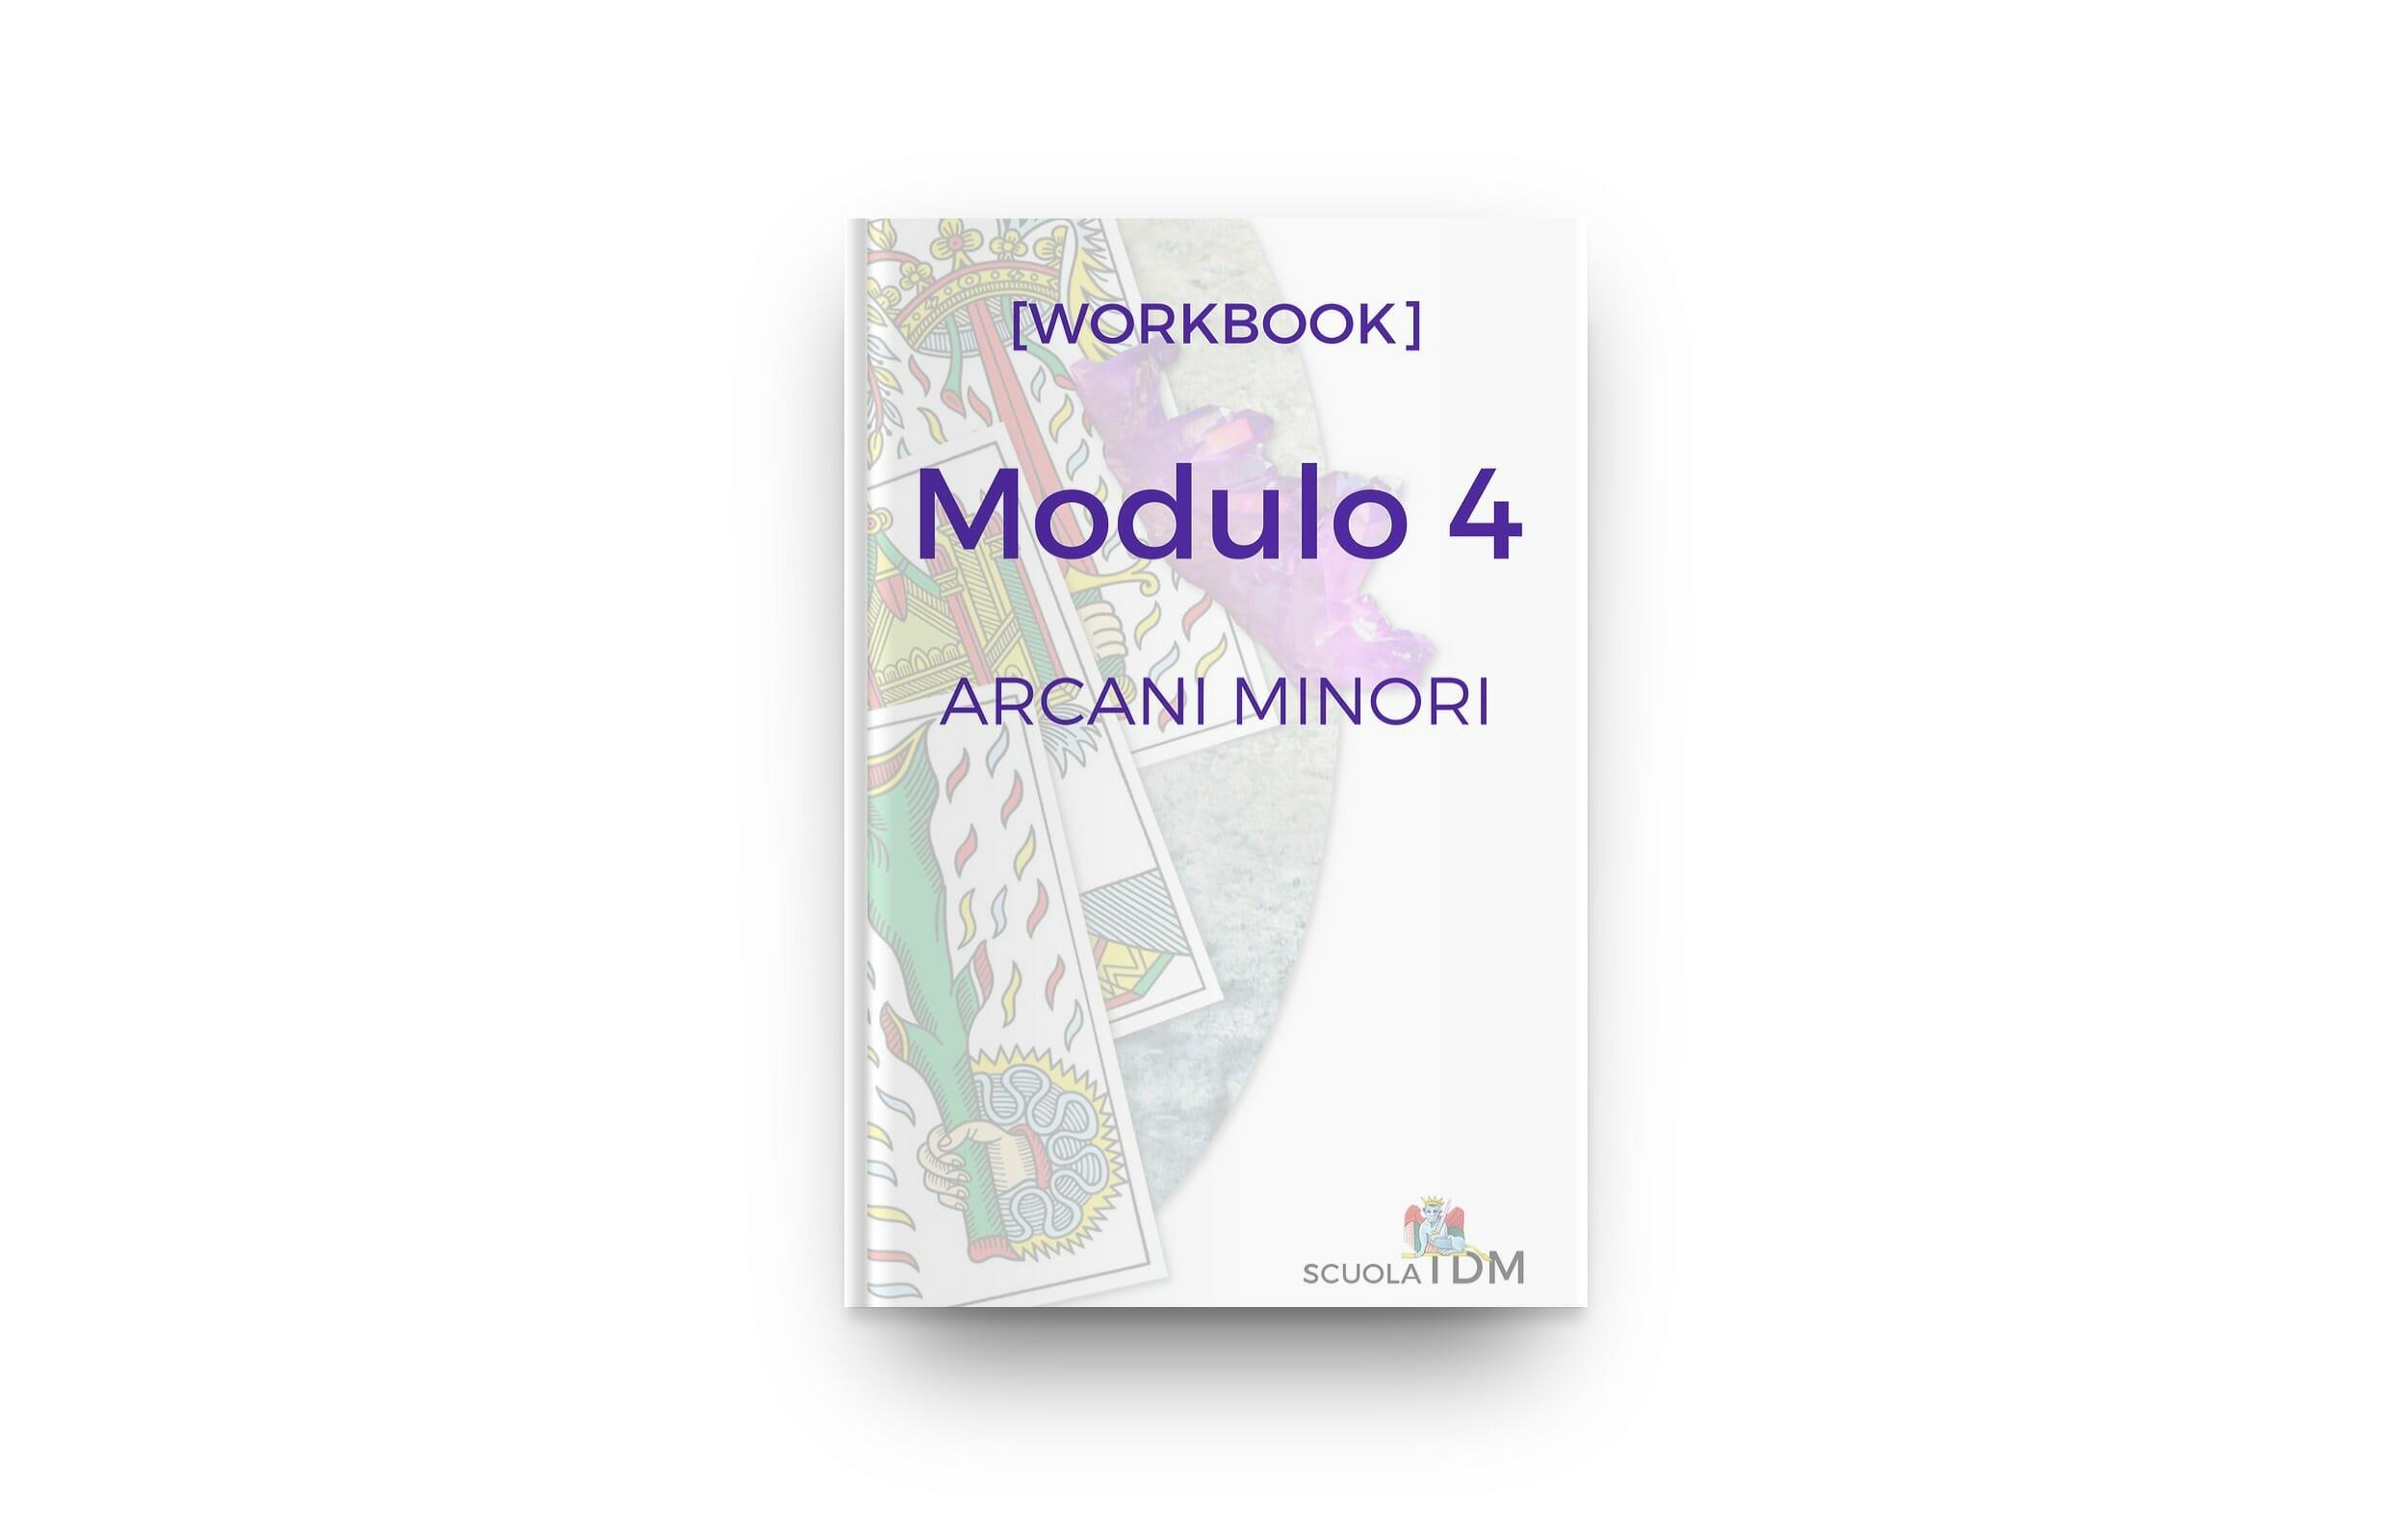 Corso Tarocchi Arcani Minori Modulo 4